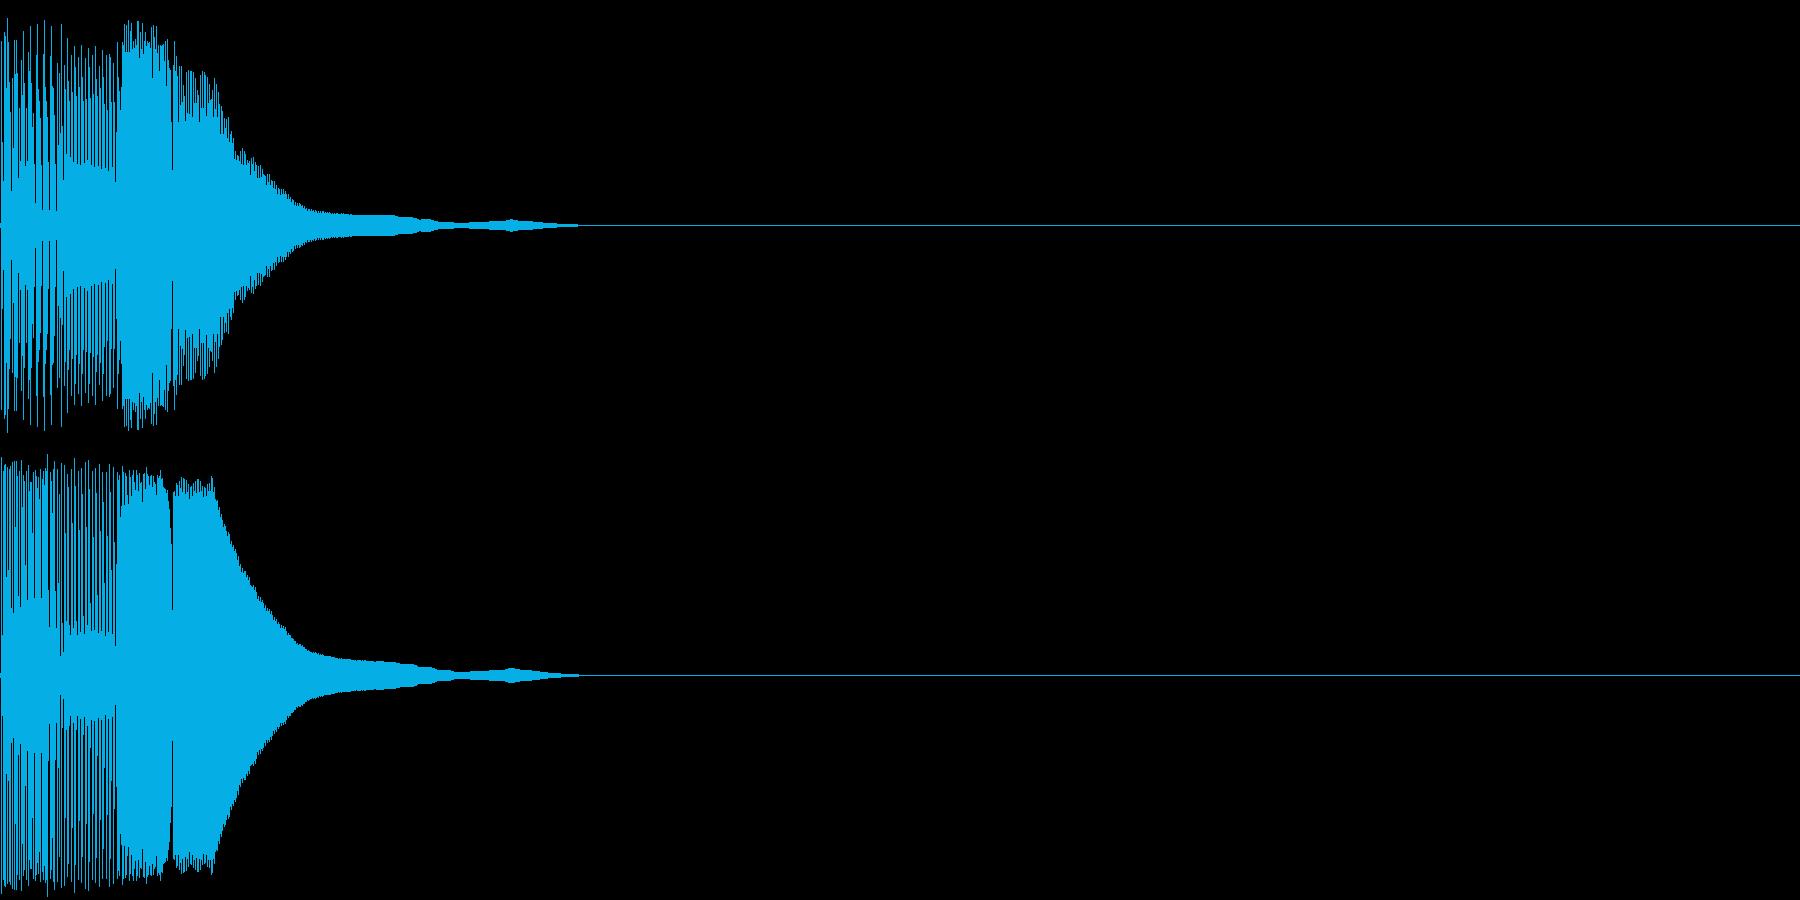 ボタン音01(ピコッ)の再生済みの波形